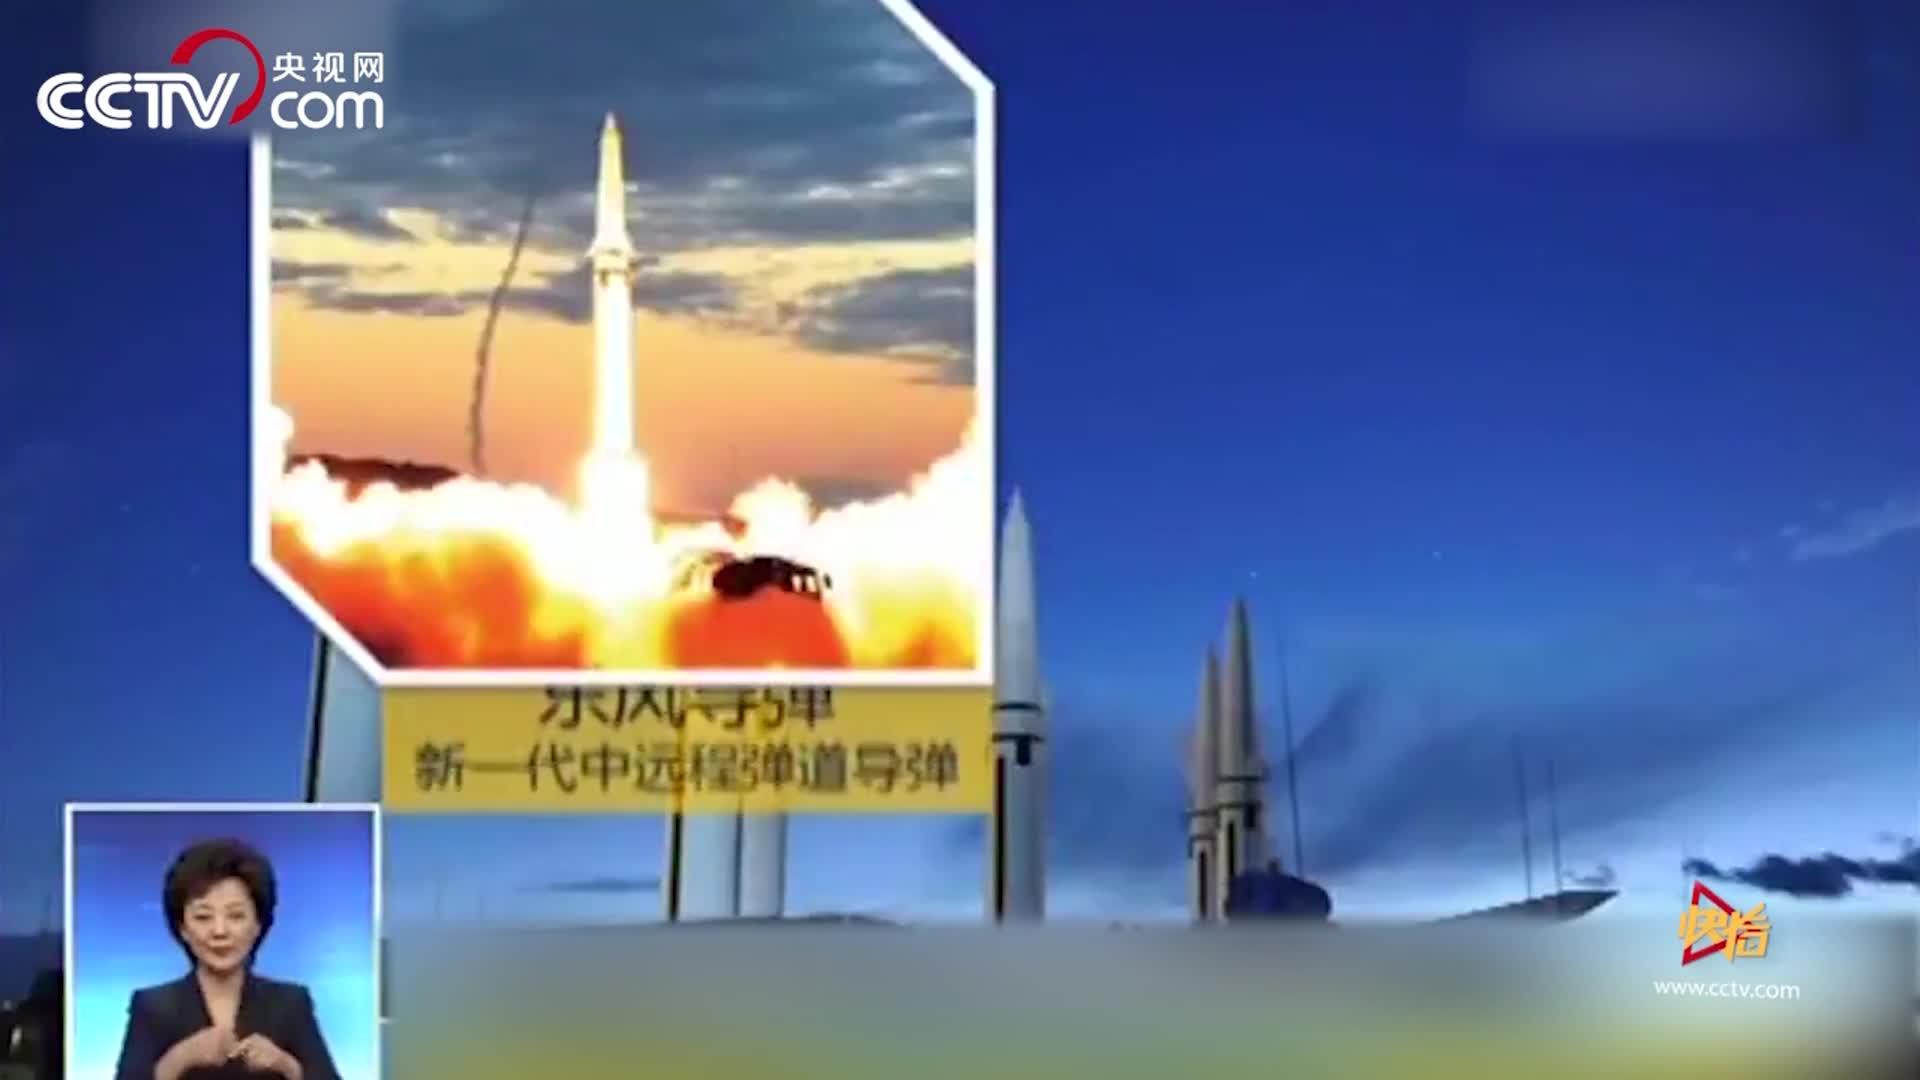 [视频]朱广权播报火箭军官微开通:中国最强快递上线